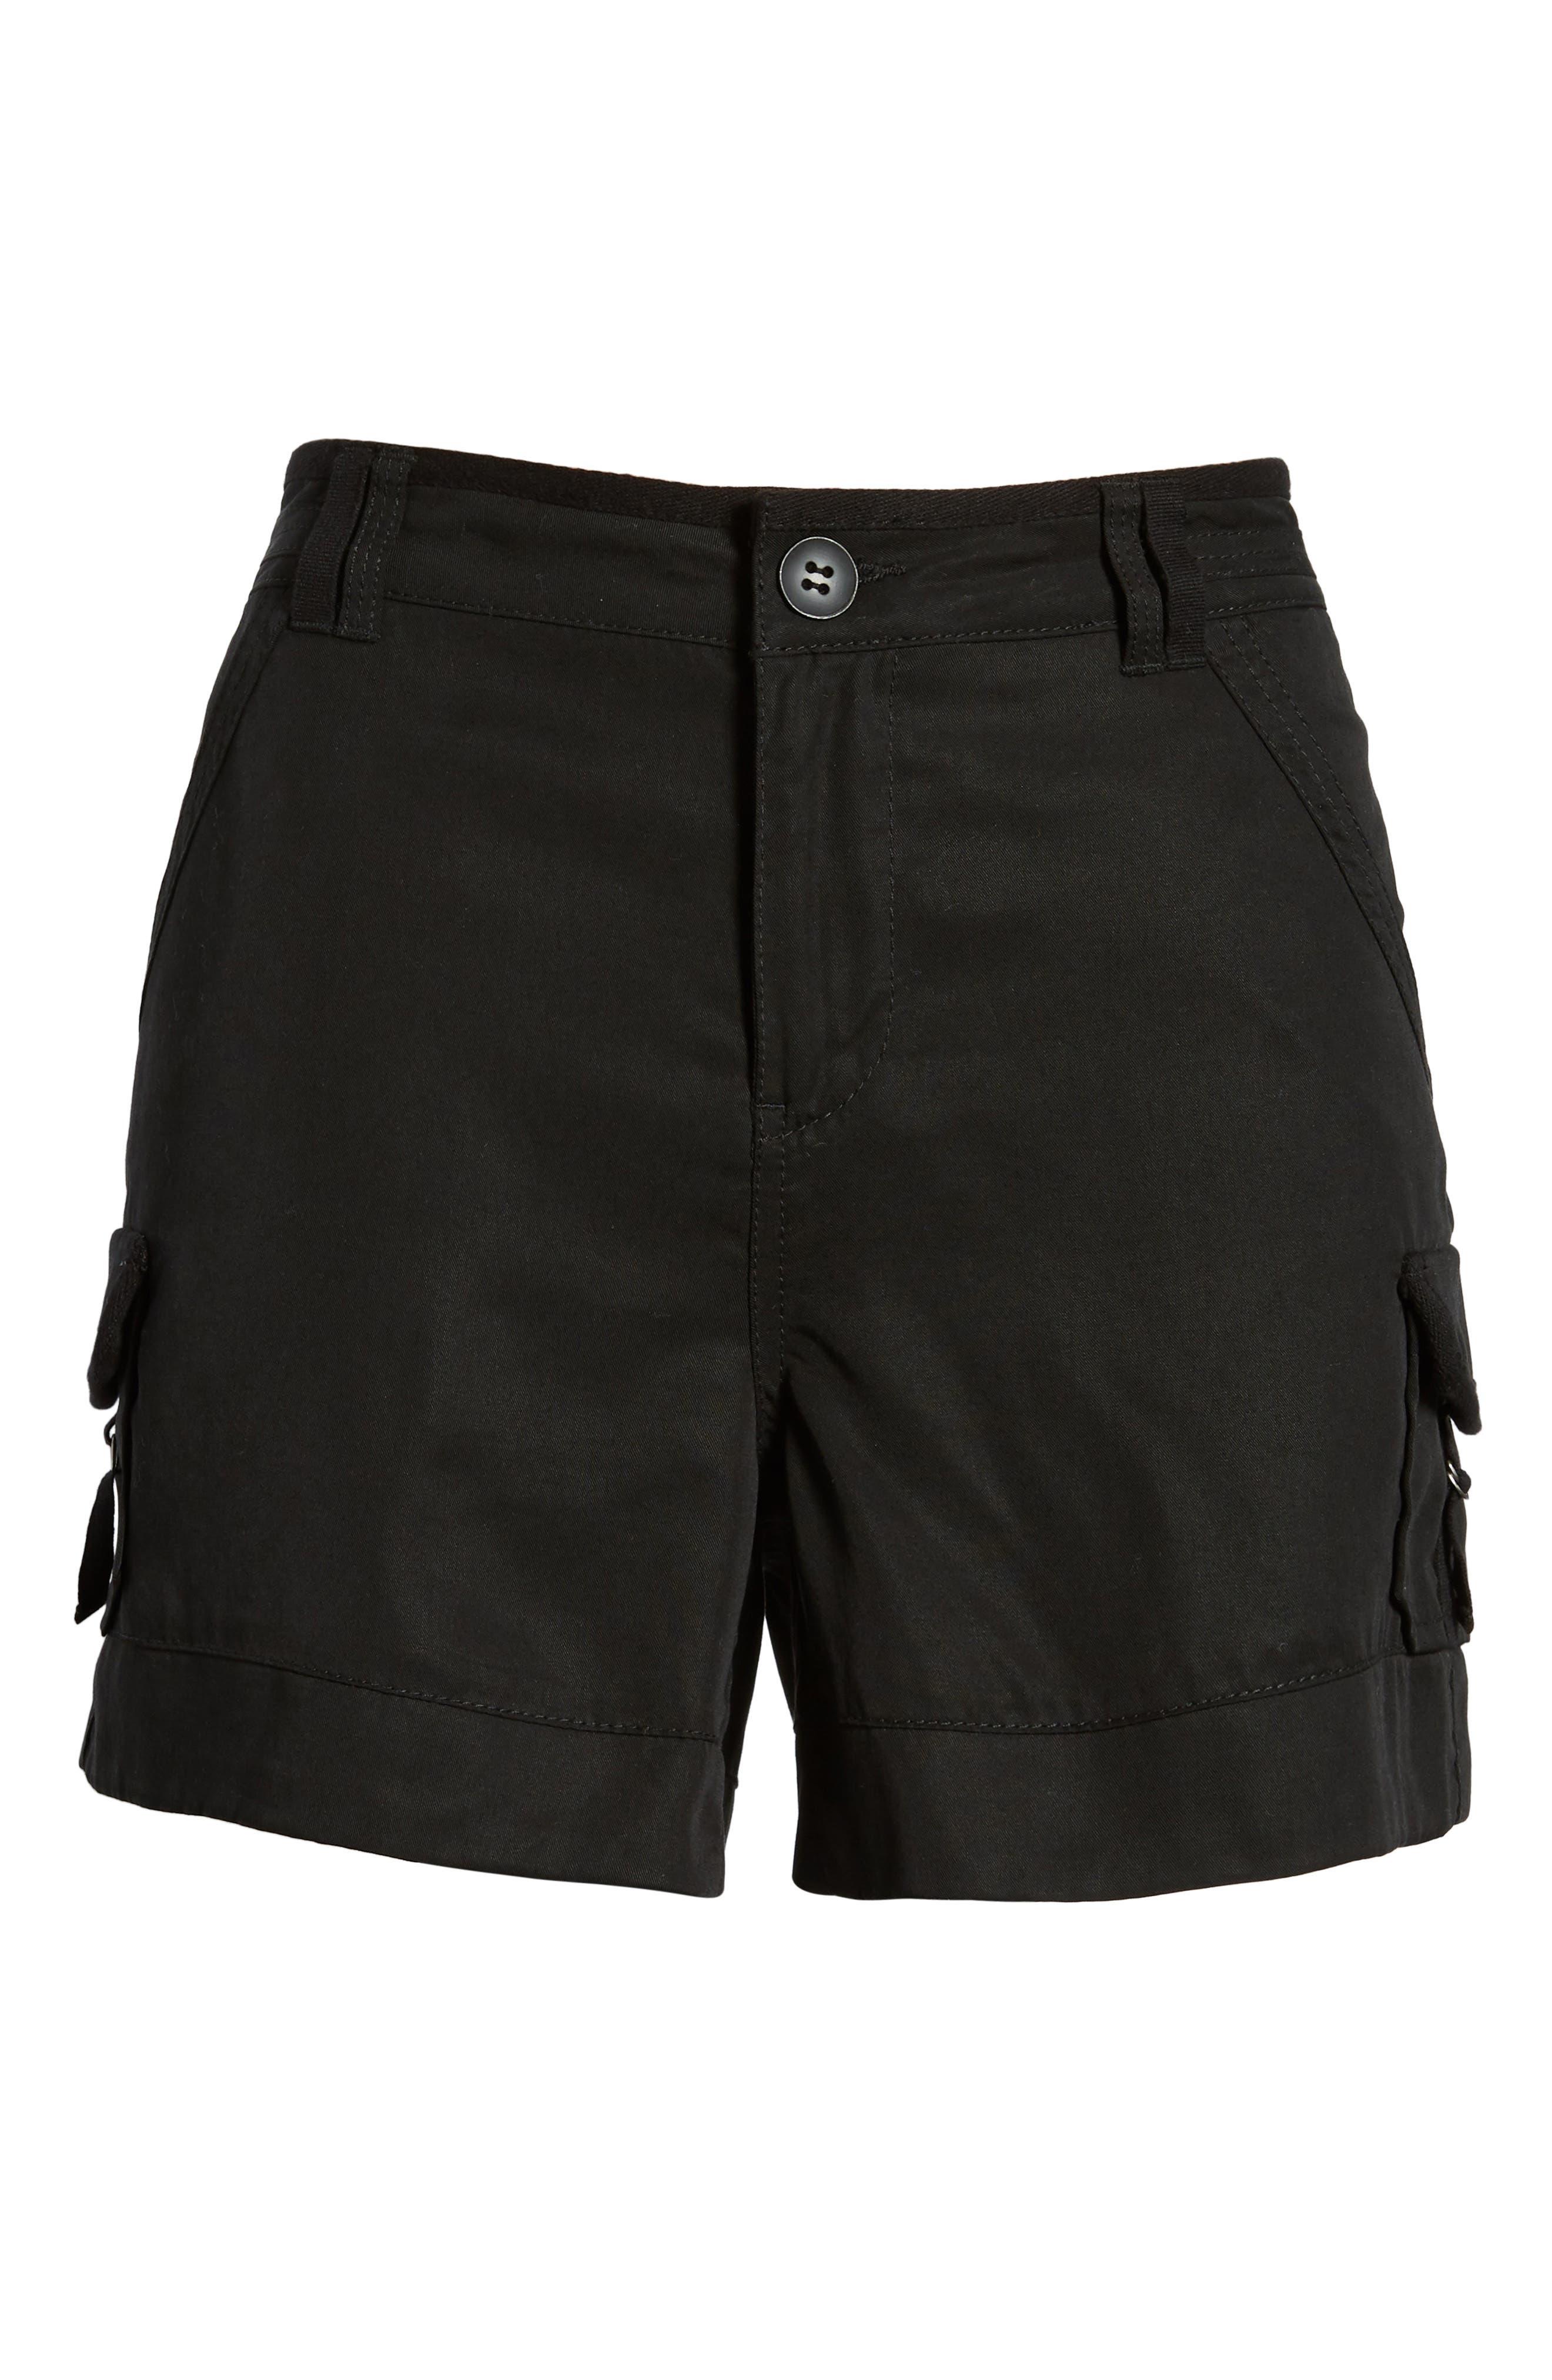 High Rise Tencel Shorts,                             Alternate thumbnail 6, color,                             Black